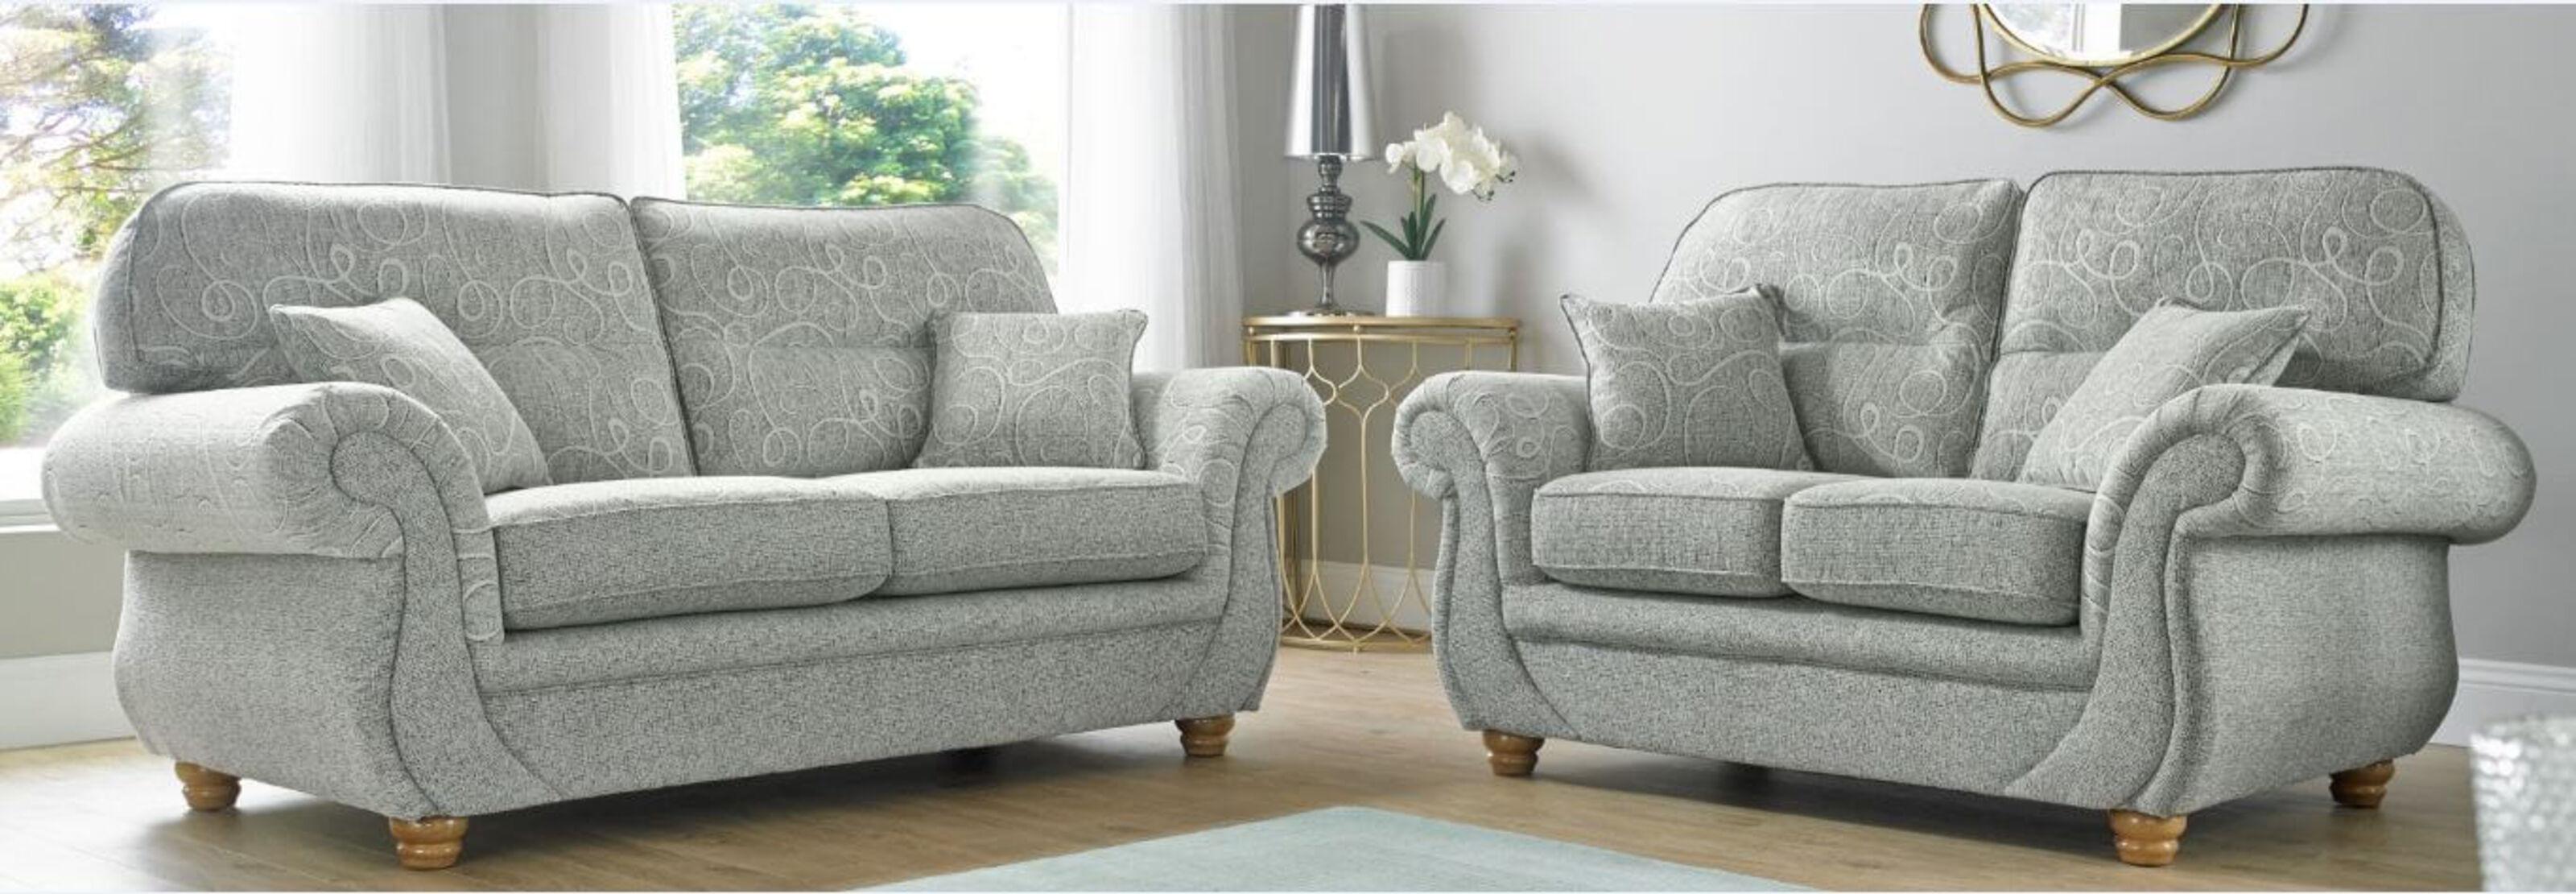 Sofa Designersofas4u Suite32 Sofa Suite32 Fabric Fabric Large Large CrtQdBhxso